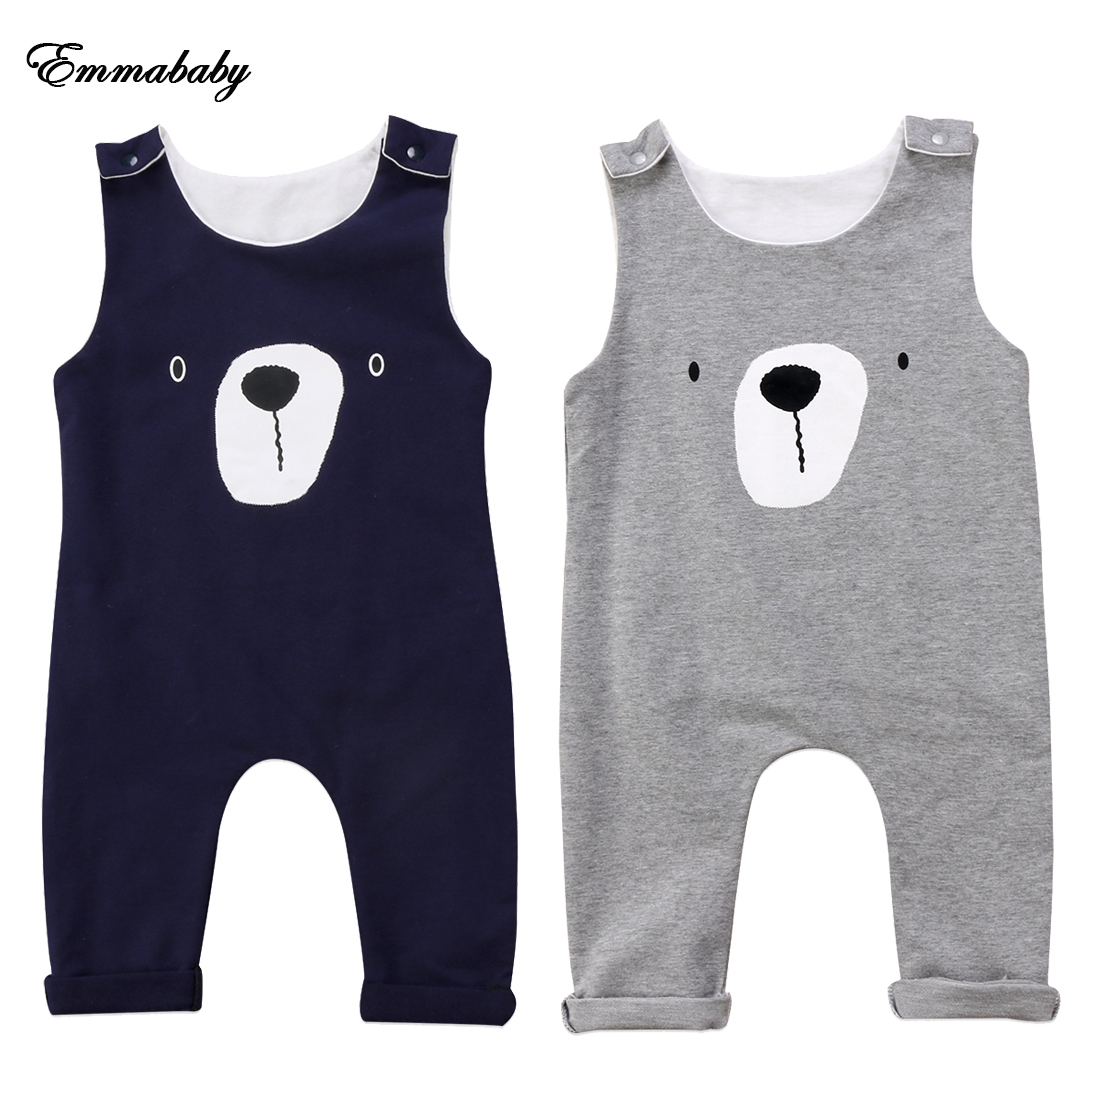 NEW 2020 Newborn Baby Boy Girl Clothes Bodysuit Infant Romper Jumpsuit Outfit Sunsuit